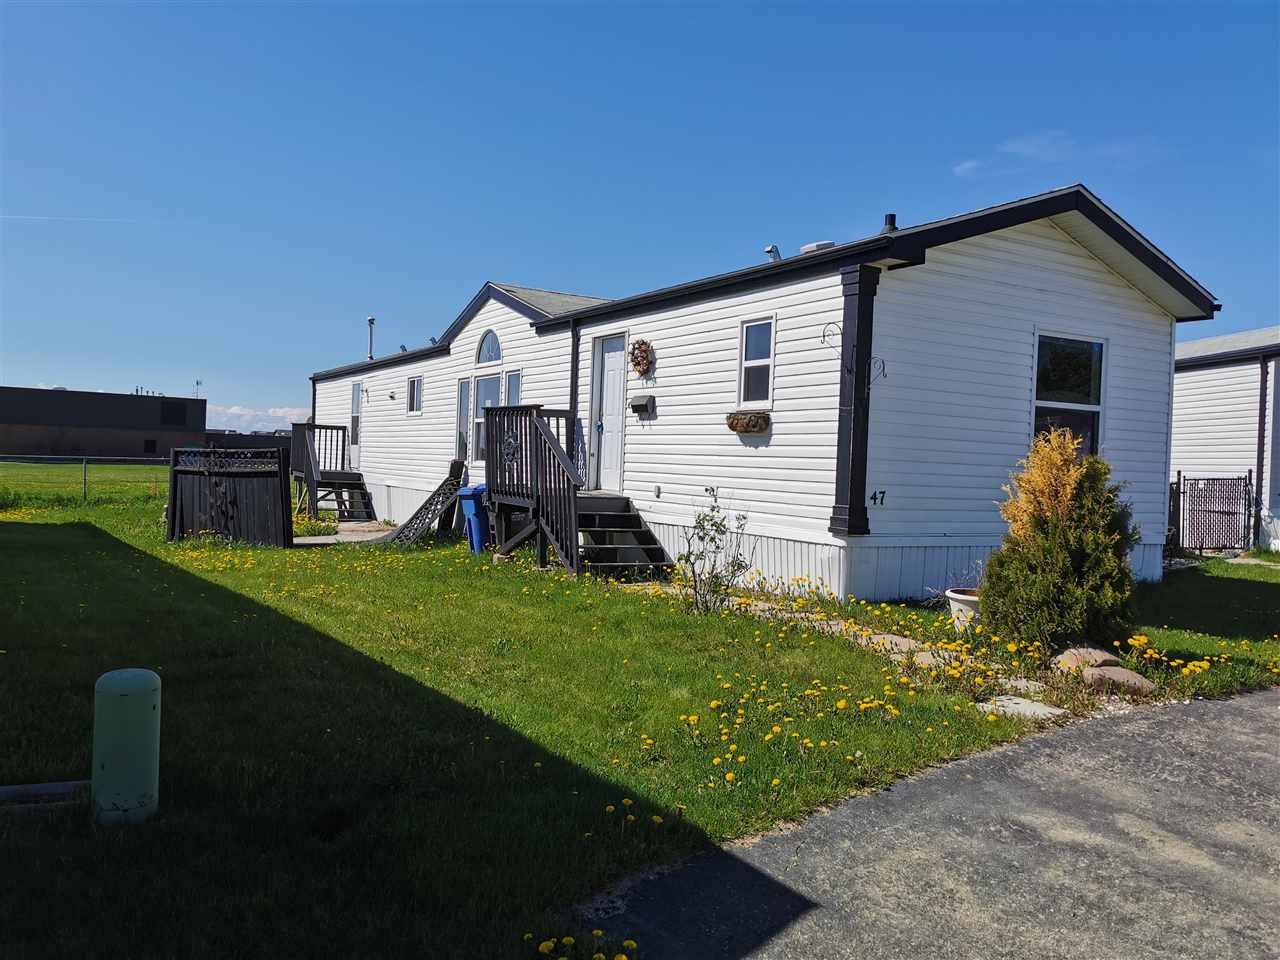 Main Photo: 47 9203 82 Street in Fort St. John: Fort St. John - City SE Manufactured Home for sale (Fort St. John (Zone 60))  : MLS®# R2449587